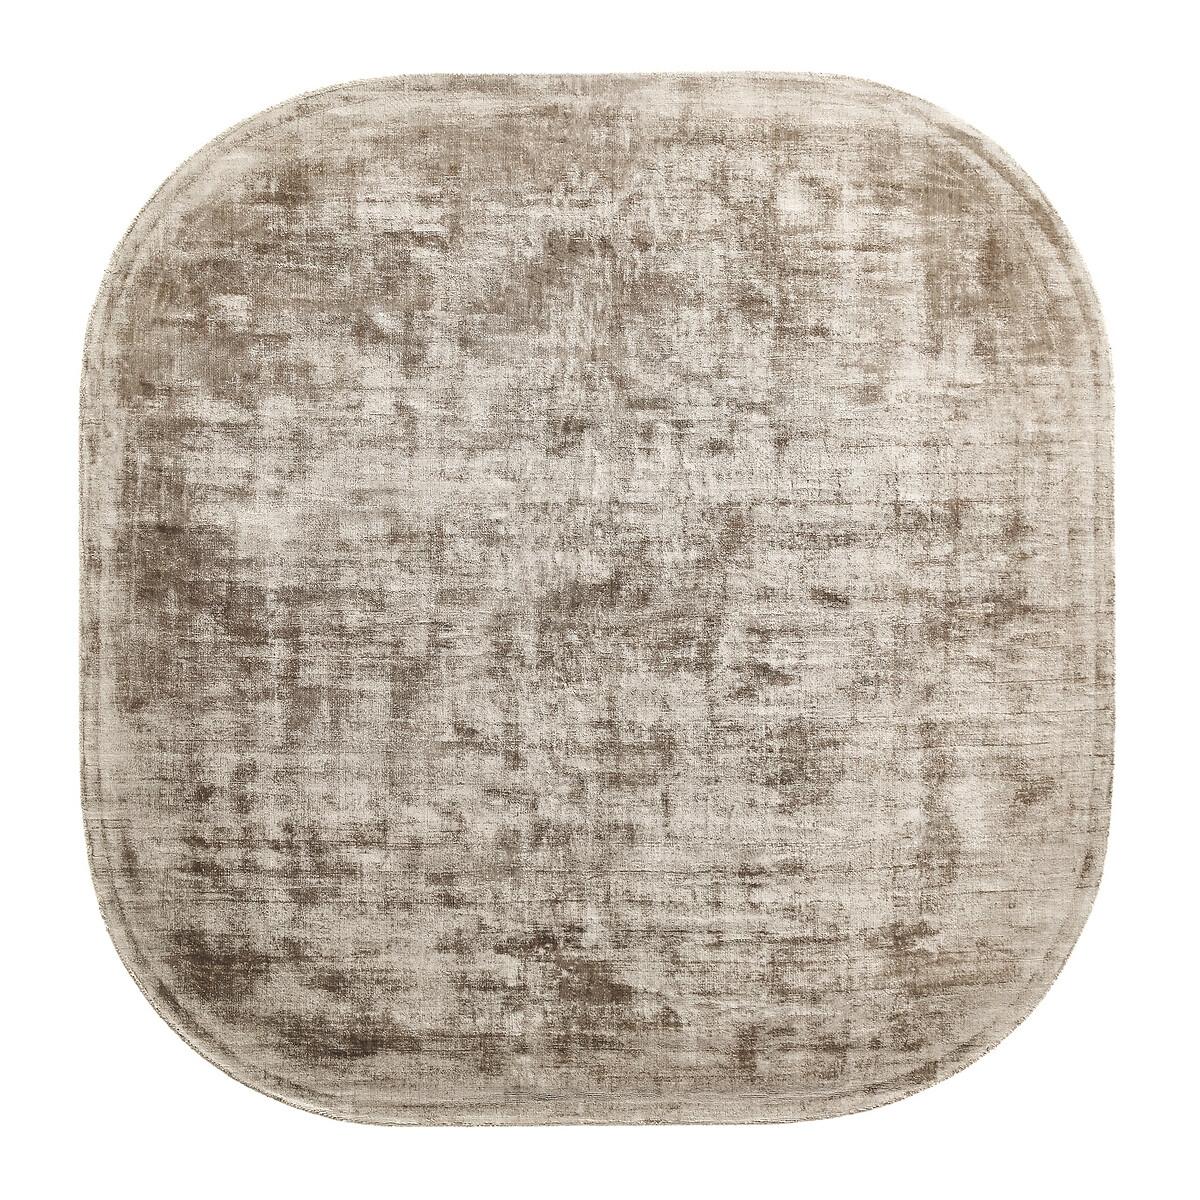 Ковер LaRedoute Квадратный связанный вручную из 100 вискозы Used единый размер бежевый